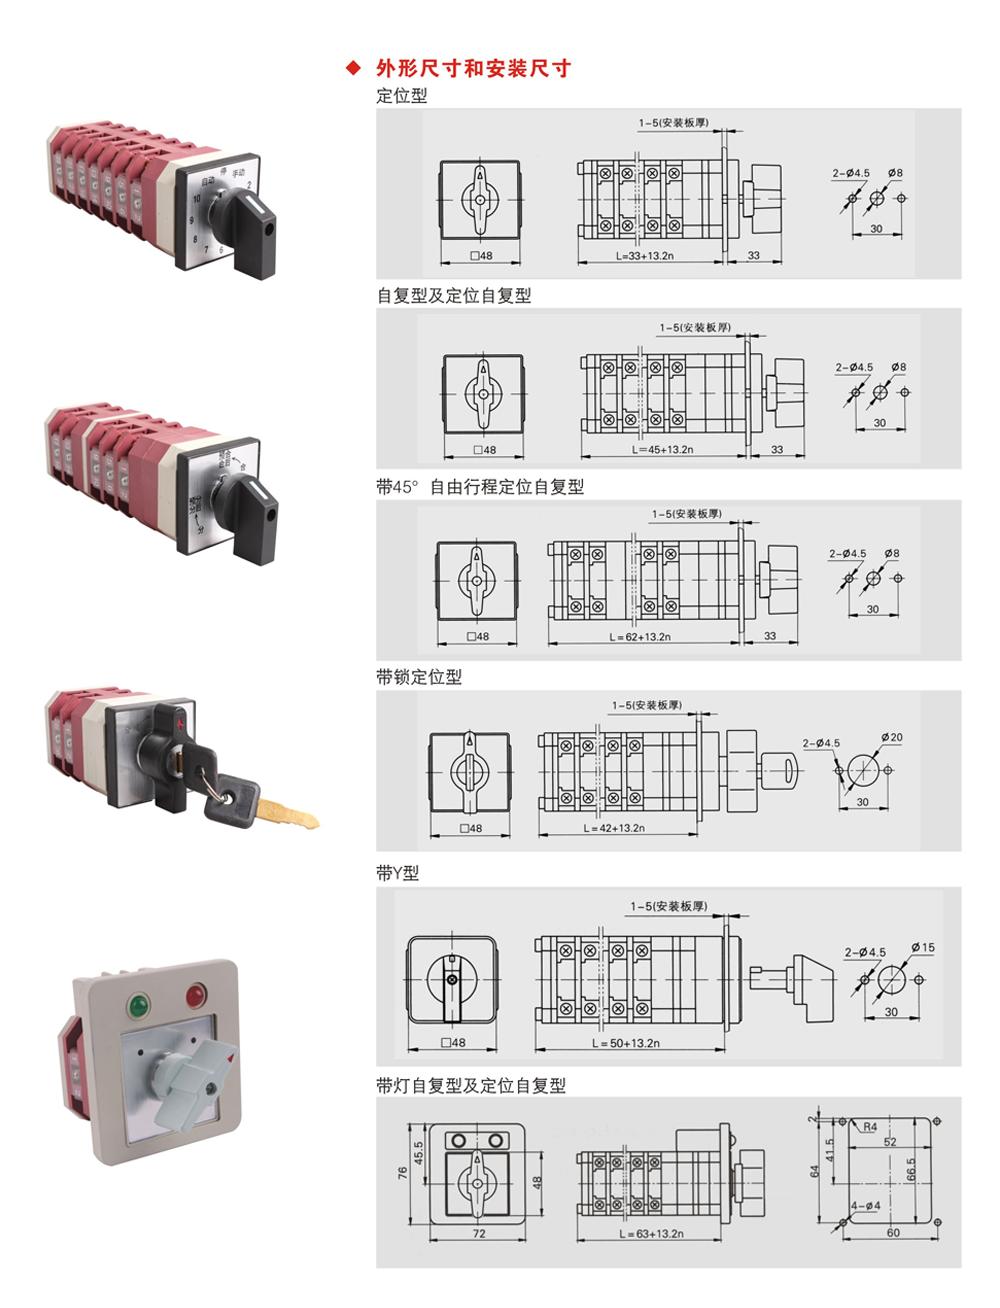 输配电分合闸控制万能转换开关LW12-16D49.6780.5|LW12系列万能转换开关-上江电气